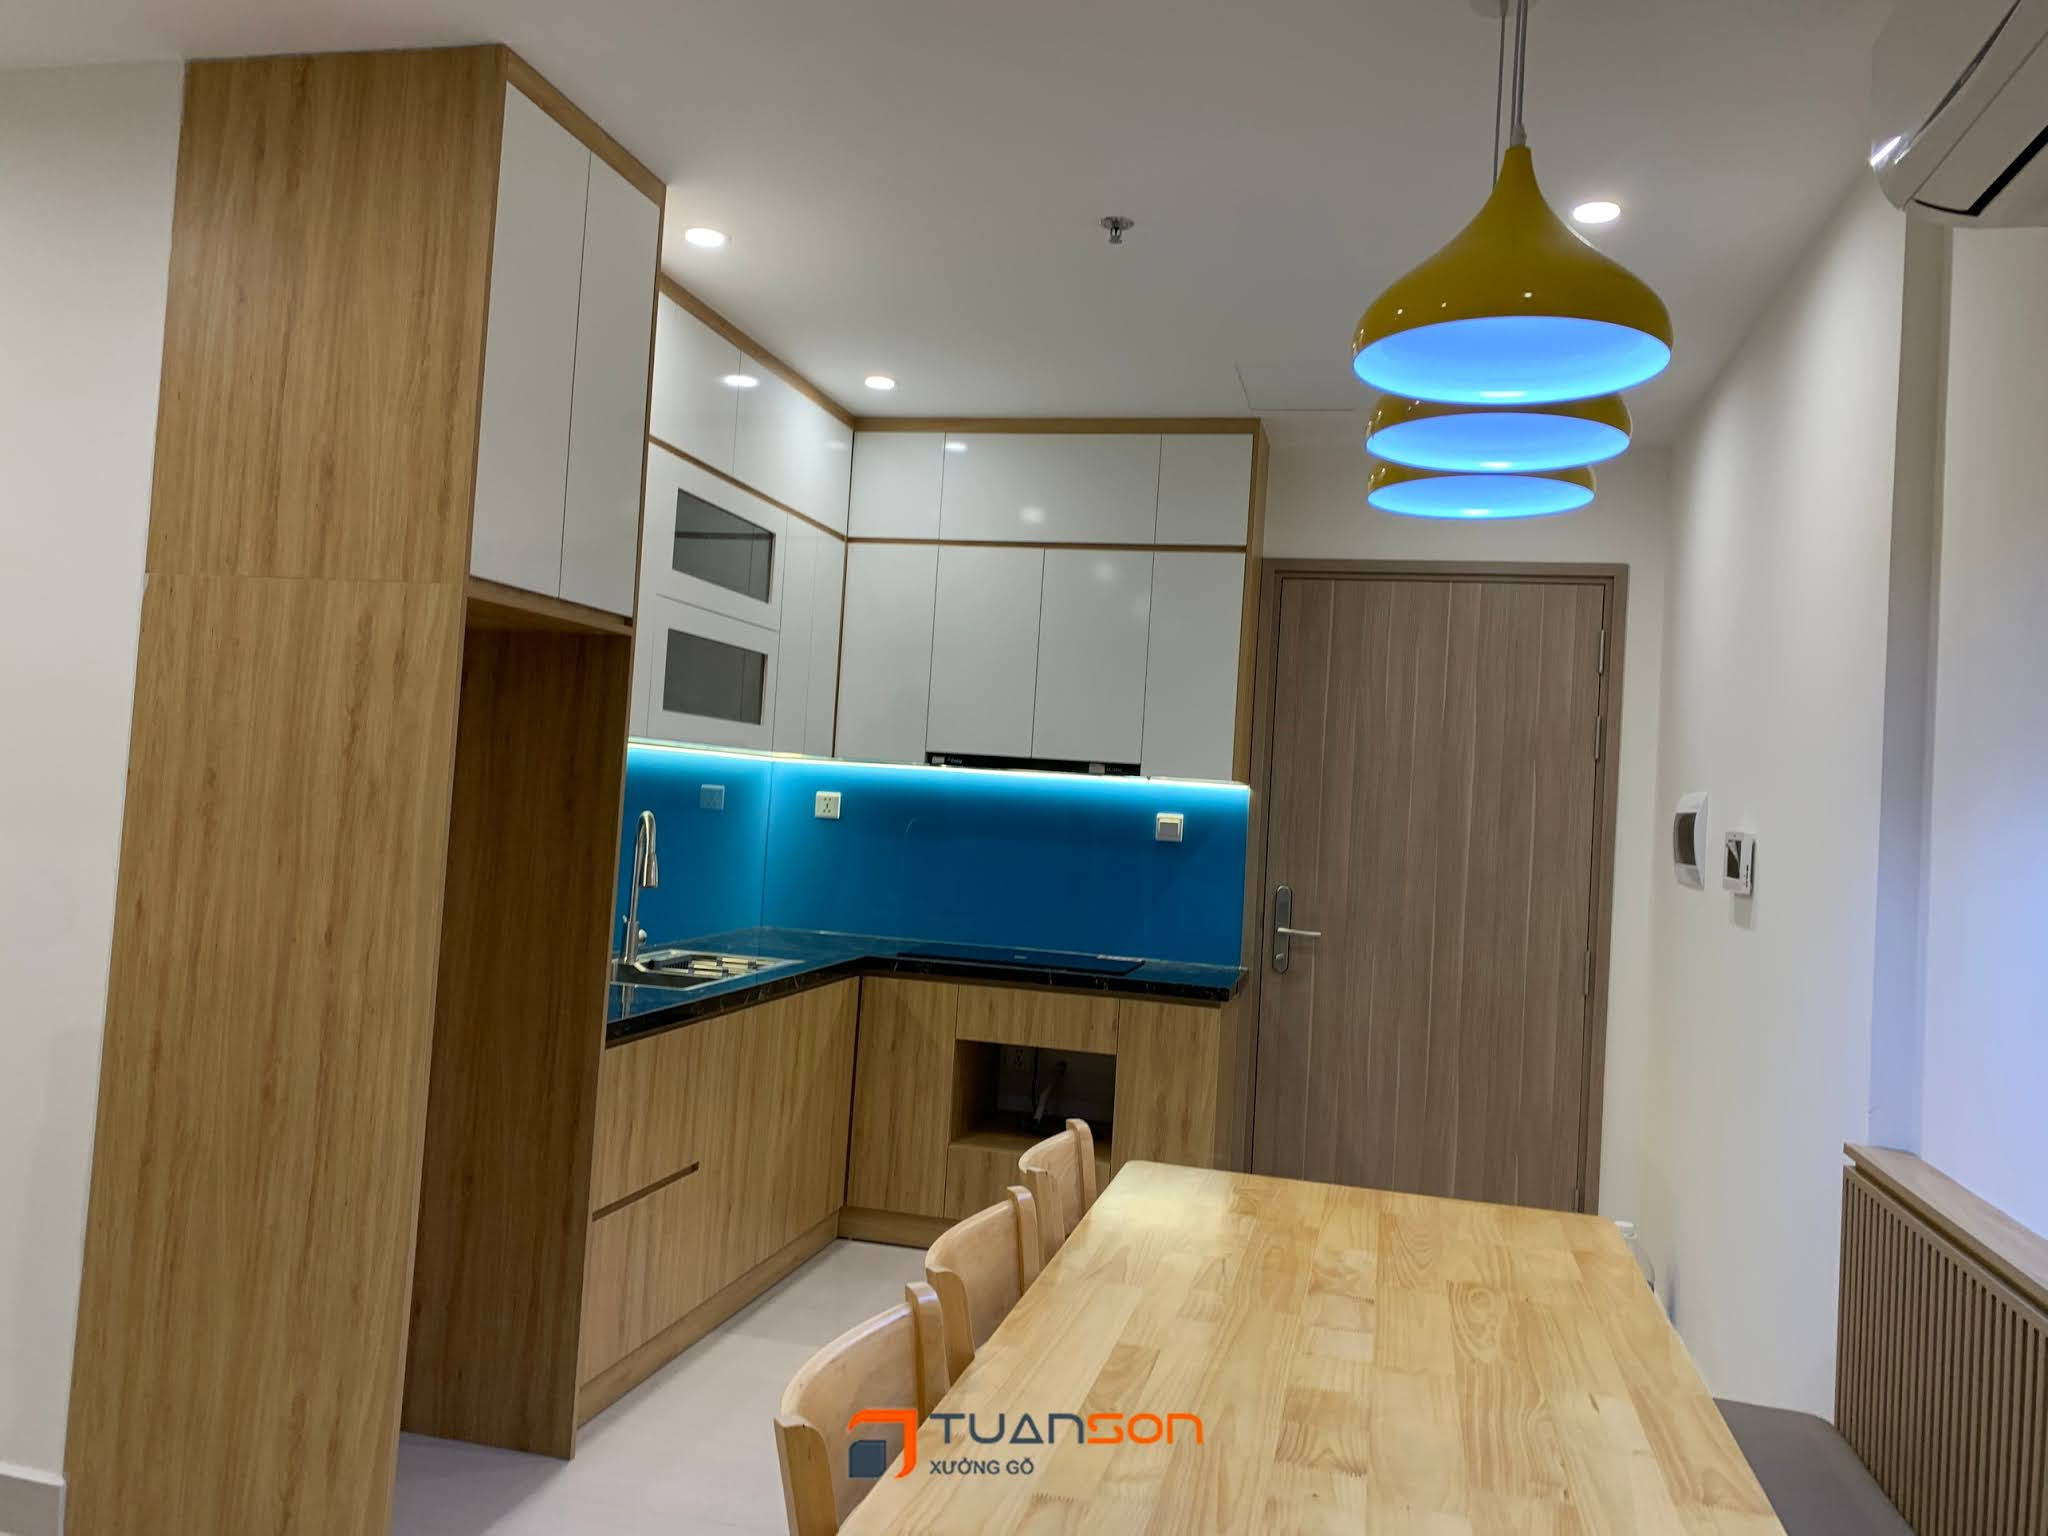 Hoàn thành bàn giao công trình nội thất S2.16-xx24 (2PN+1) Vinhomes Ocean Park